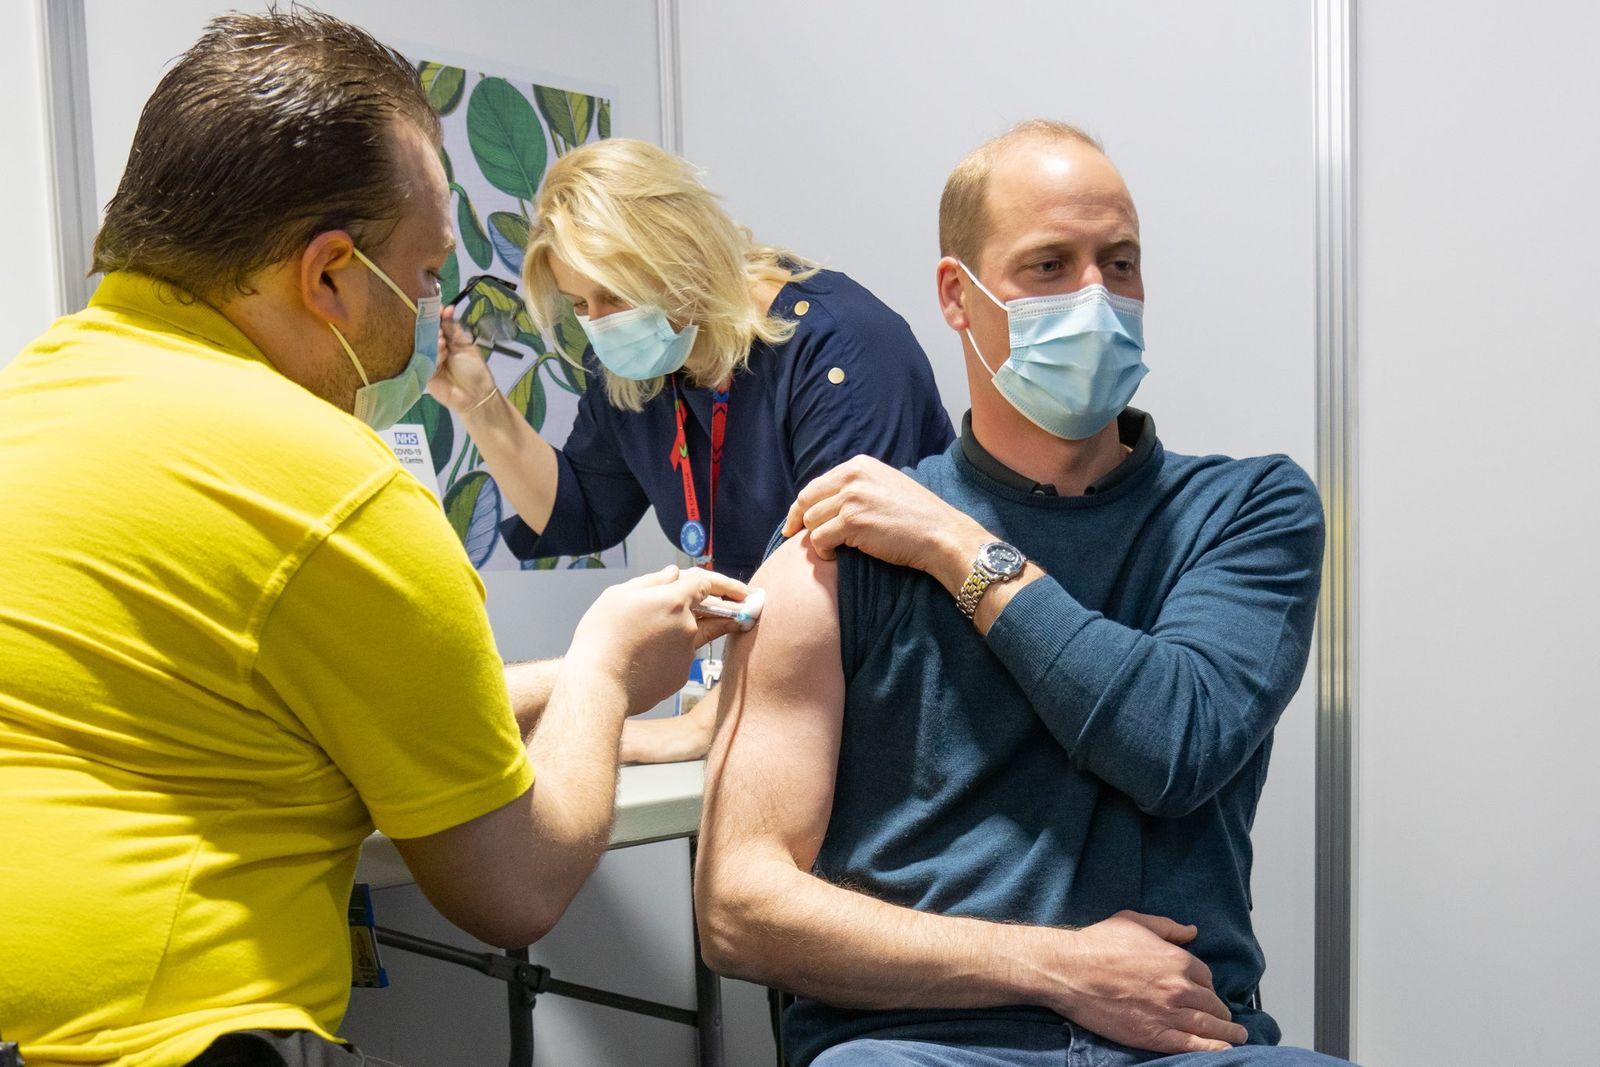 Prinz William bekommt erste Corona-Impfung